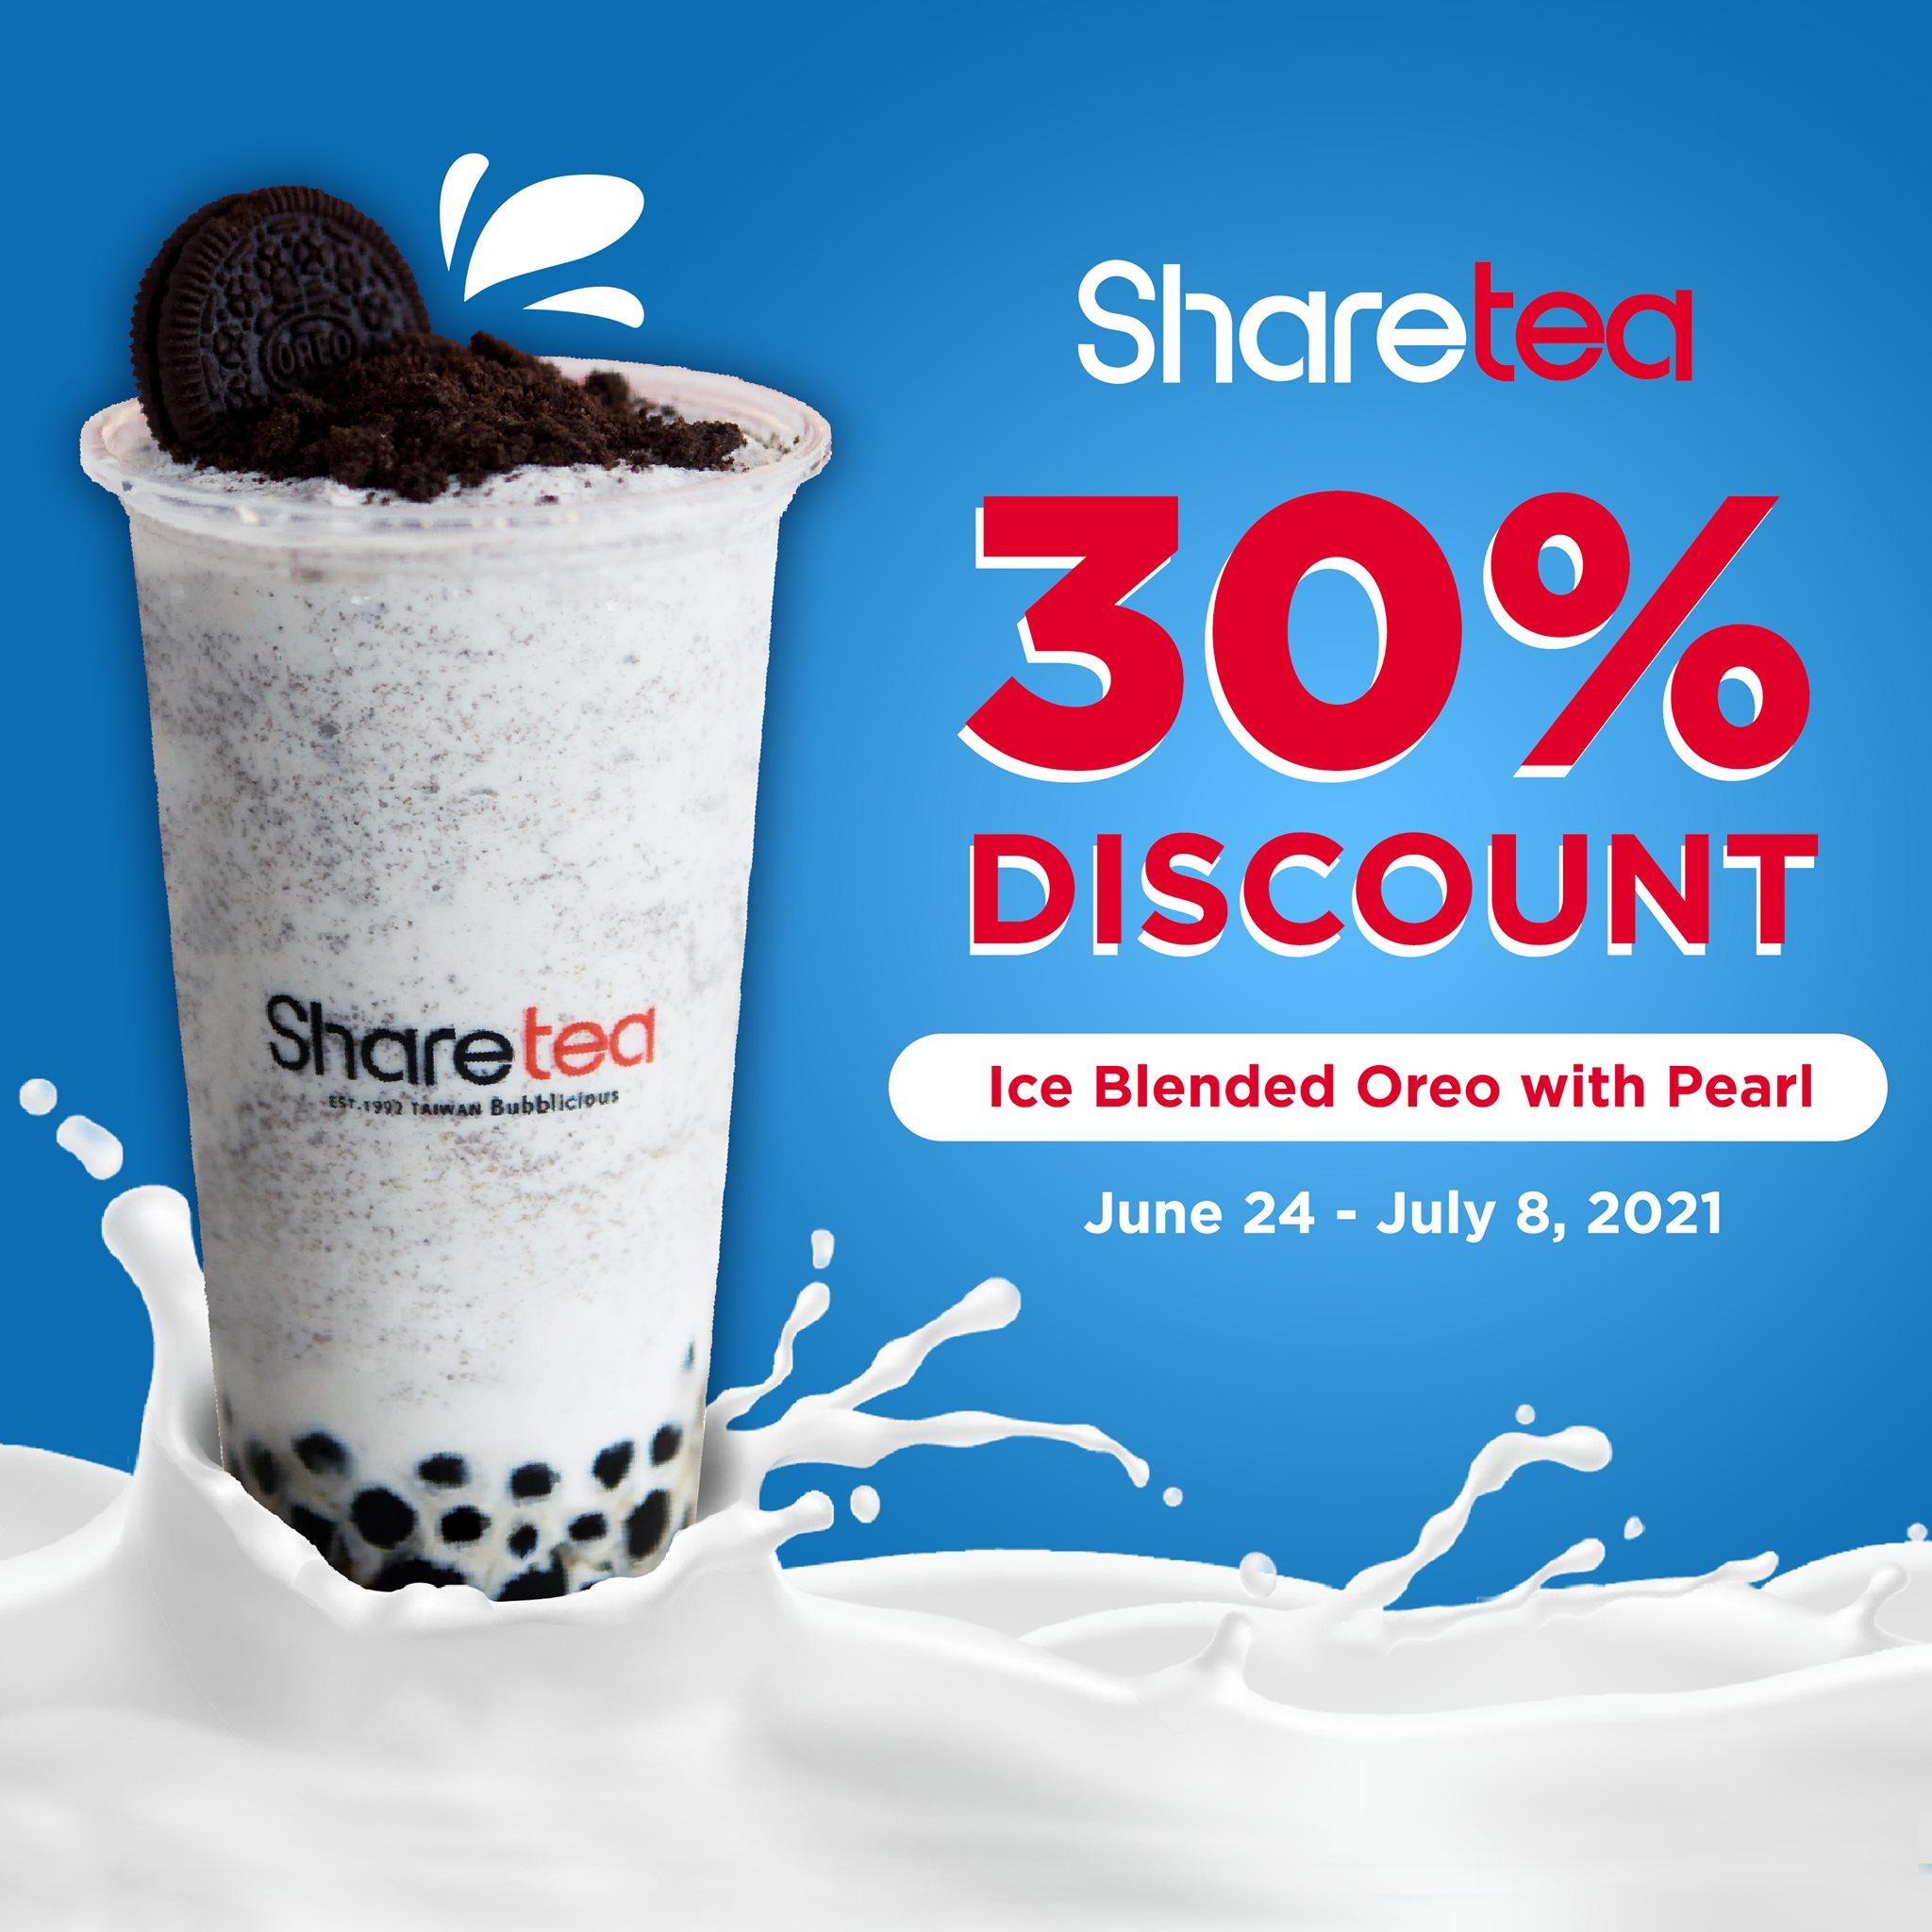 Sharetea 30% off on Ice Blended Oreo